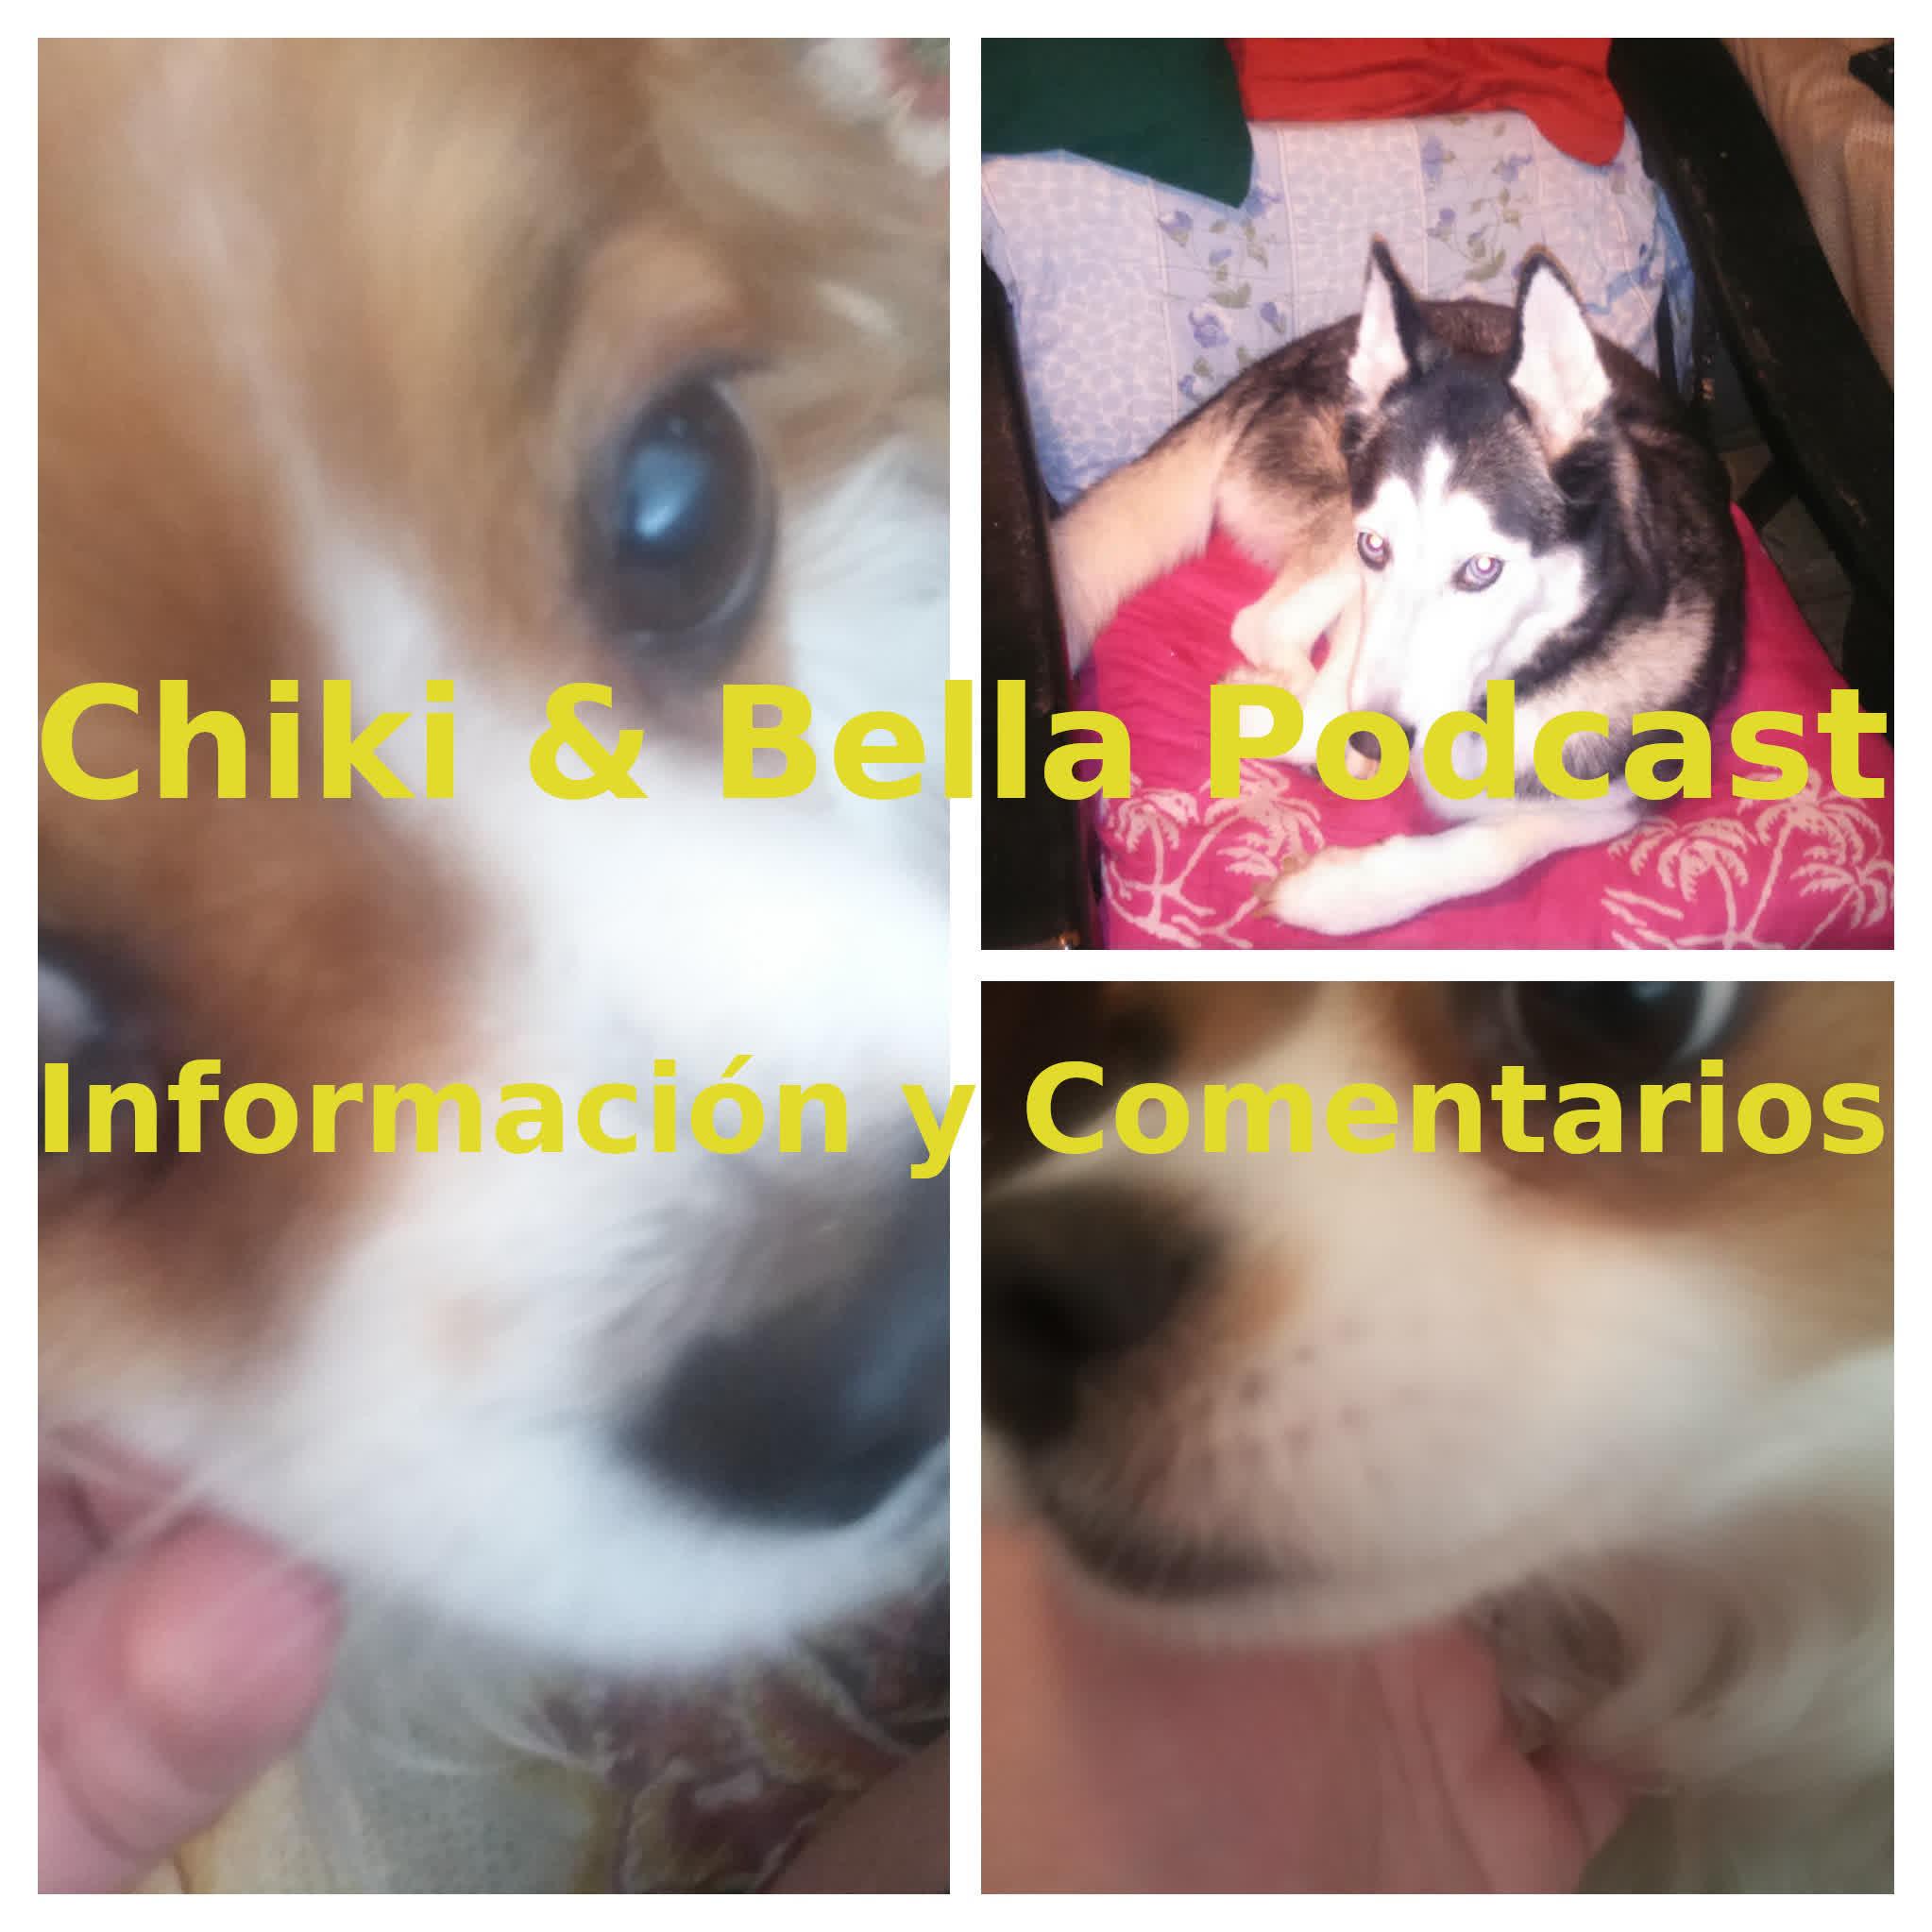 Chiki & Bella Podcast - Información y Comentarios